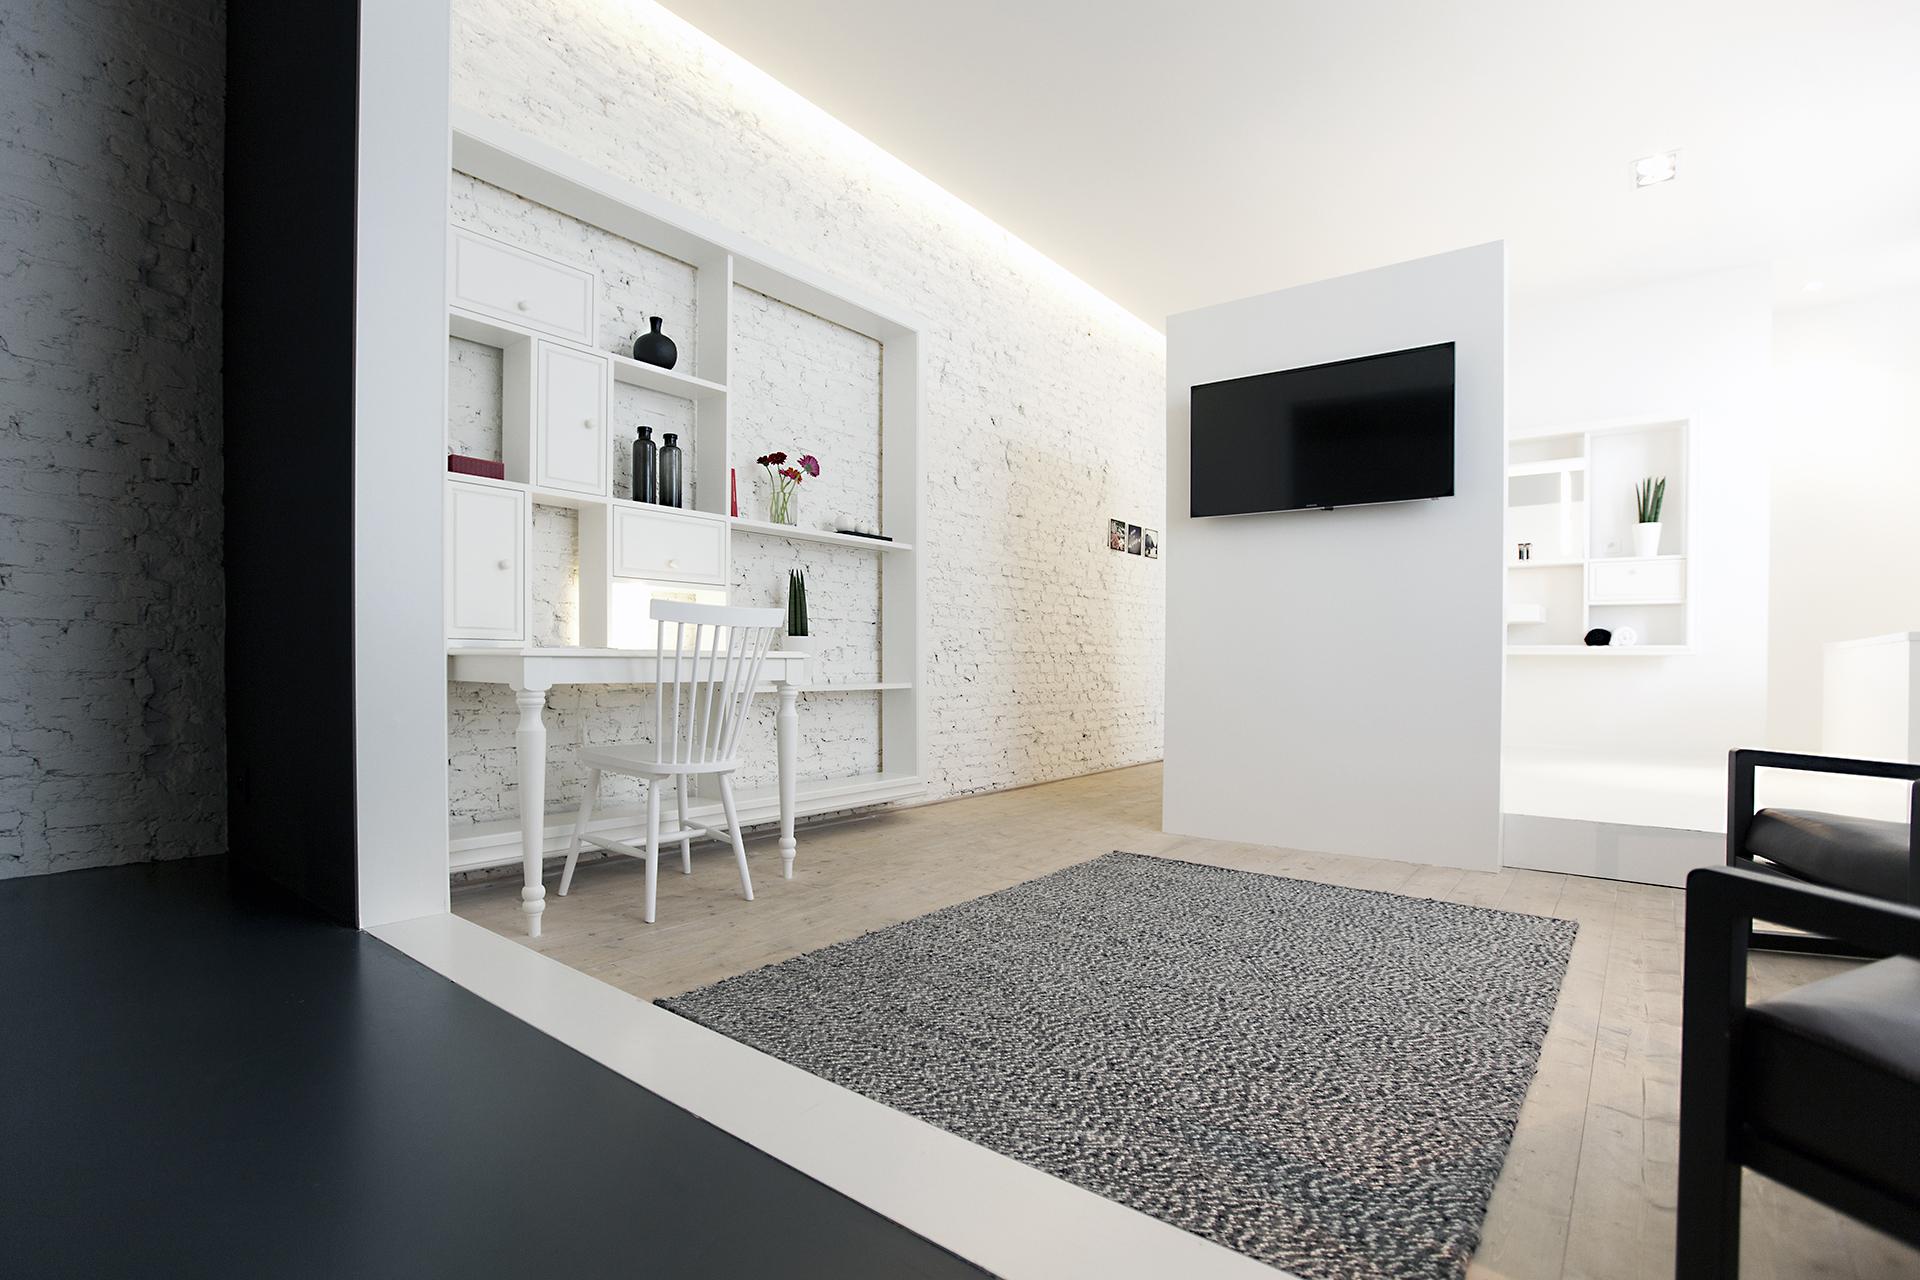 capaz-mirandakoopman-interieur-fotografie-maisonnationale-6860